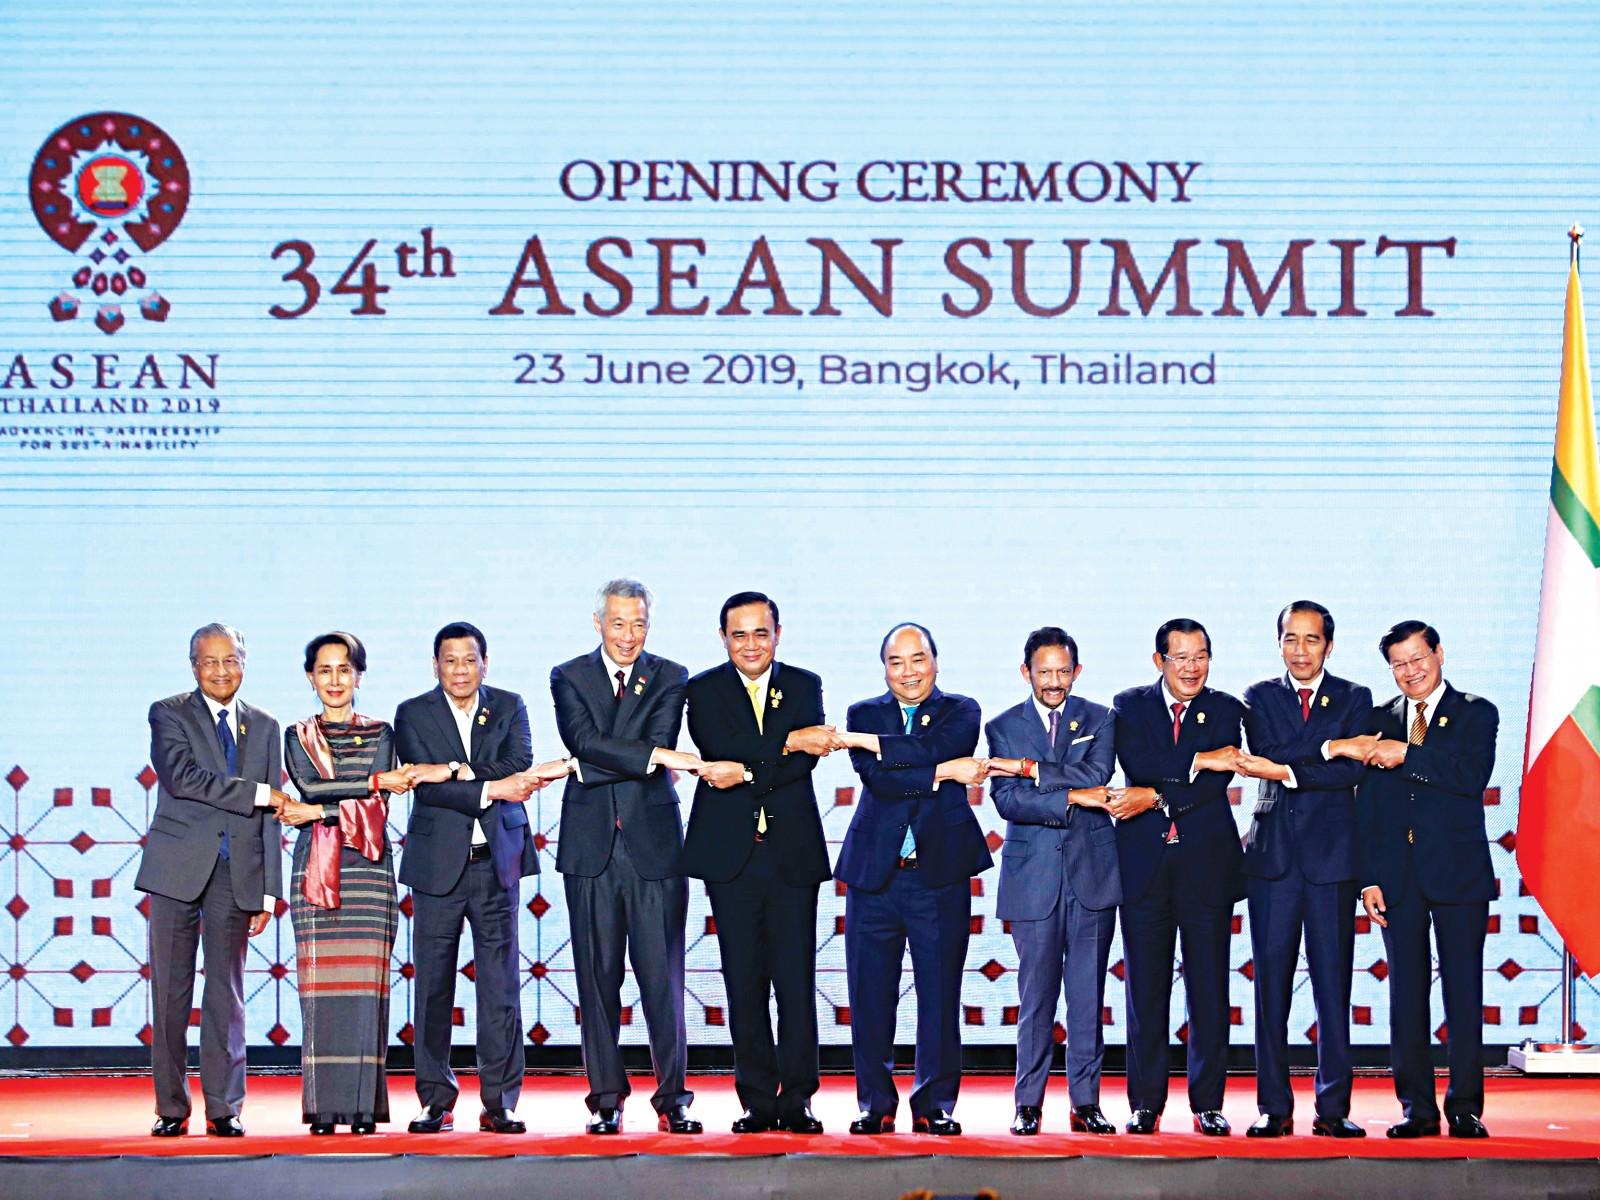 Thủ tướng Nguyễn Xuân Phúc và các nhà lãnh đạo ASEAN chụp ảnh chung. Ảnh: Thống Nhất – TTXVN